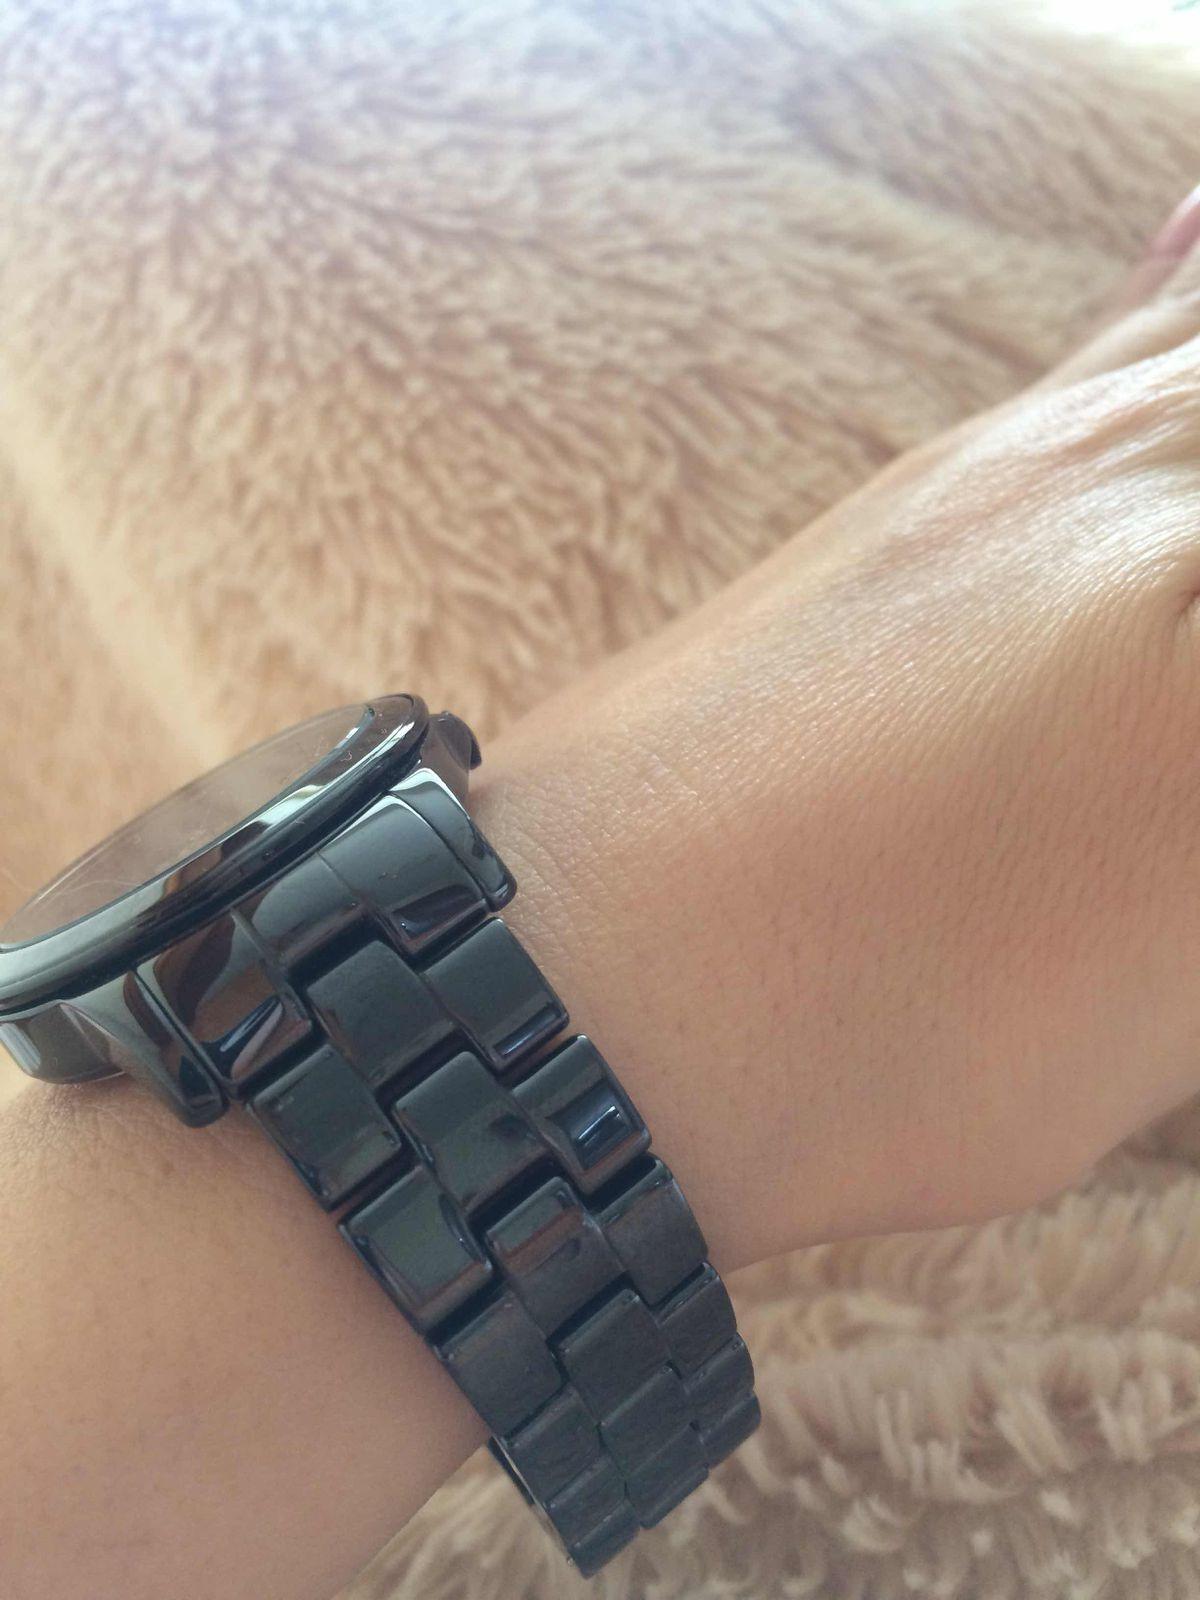 Просто шикарные наручные часы. Всегда хотела белы, но нужны были черные.!!!